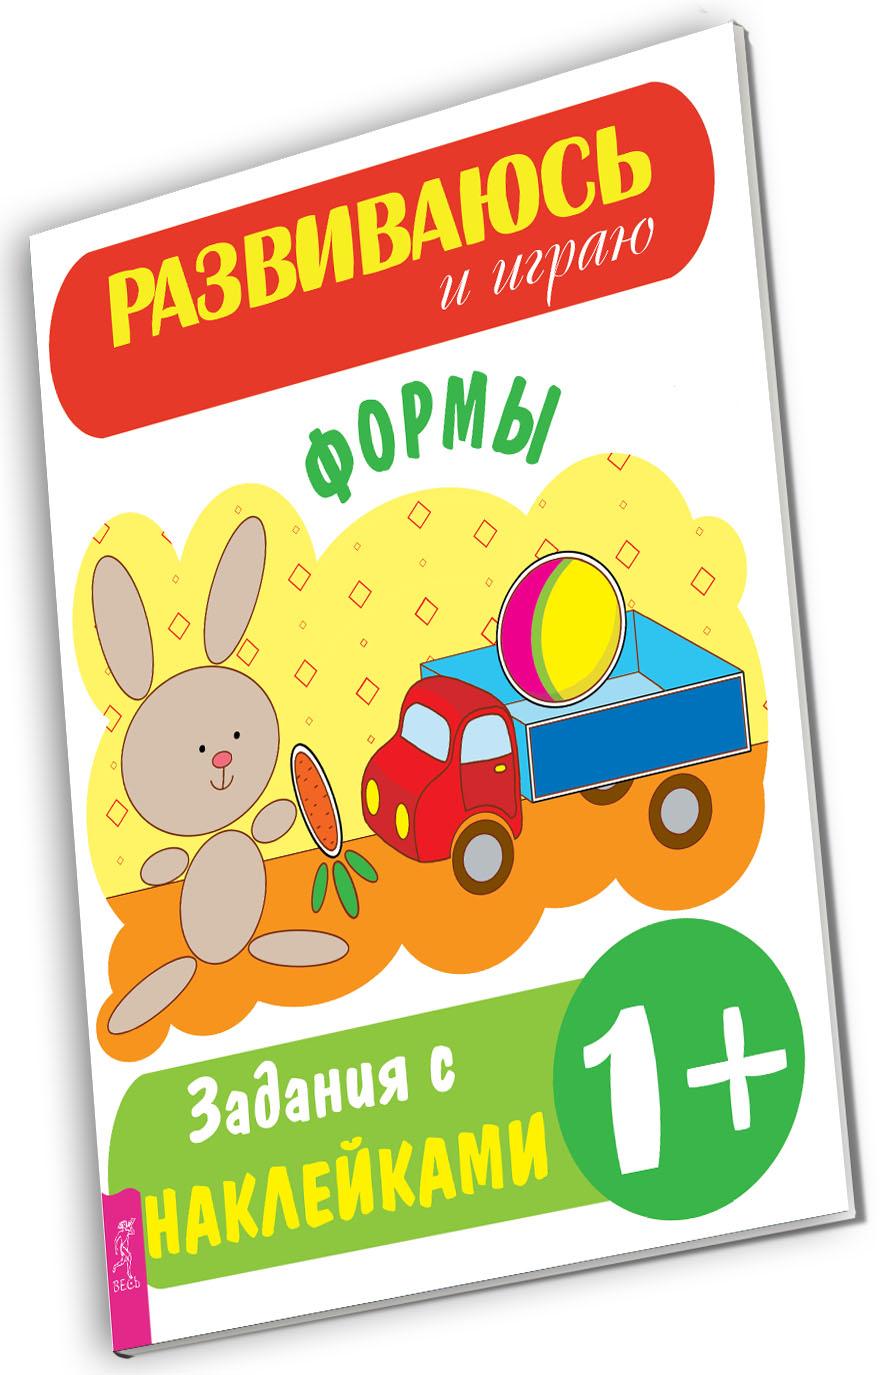 Формы12296407Аннотация Книги серии Развиваюсь и играю предназначены для занятий с малышами от 1 года. Задания сформулированы просто и понятно для ребенка, а большие наклейки удобно держать в ручке и наклеивать на страничку. Выполняя задания и приклеивая наклейки, ребенок: учится воспринимать информацию; развивает абстрактное мышление и интеллект; познает окружающий мир. Работа с наклейками способствует развитию мелкой моторики, точности и координации движений. Эта красивая книга с яркими детскими иллюстрациями не только поможет ребенку в познании мира, но и доставит малышу и родителям много приятных минут, проведенных вместе. О чем книга Эта книга познакомит ребенка с формами. Квадратные окошки в домике, круглое солнышко, рыбки-ромбики в прямоугольном аквариуме, треугольная елочка - стилизованные рисунки и образы будут понятны ребенку, таким образом, он с легкостью научится различать и запомнит основные геометрические фигуры....